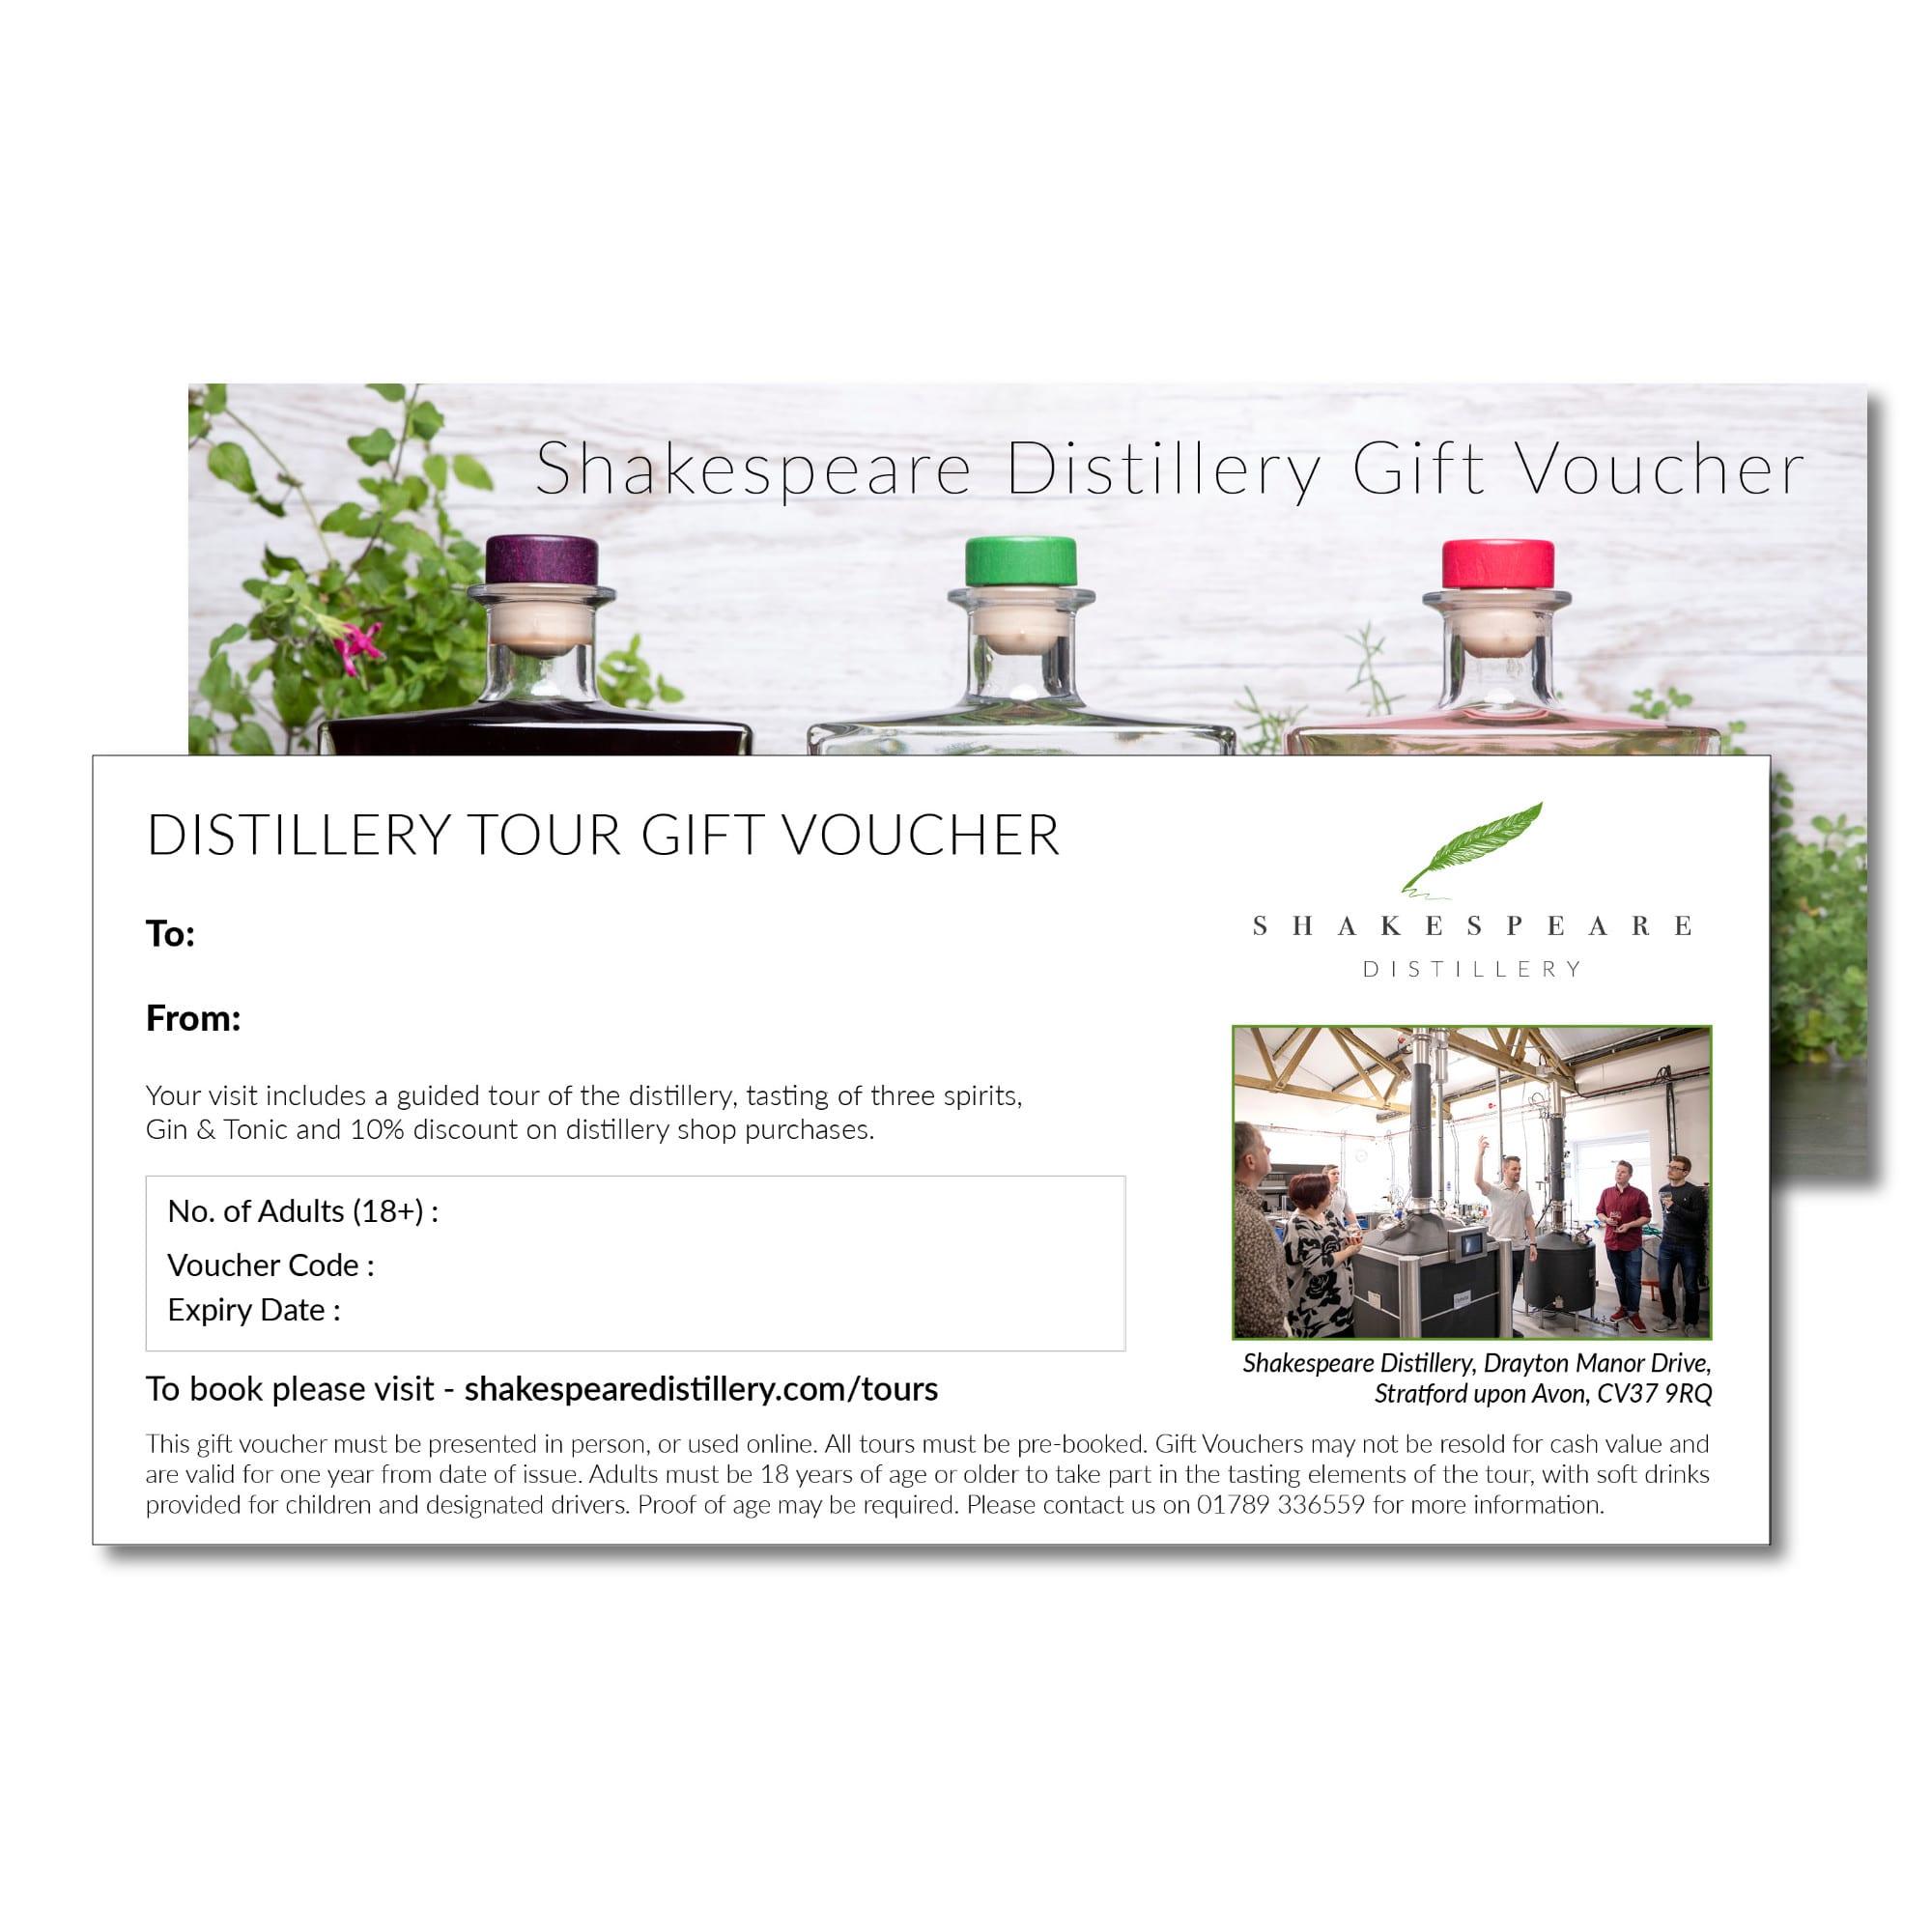 Distillery Tour Gift Voucher